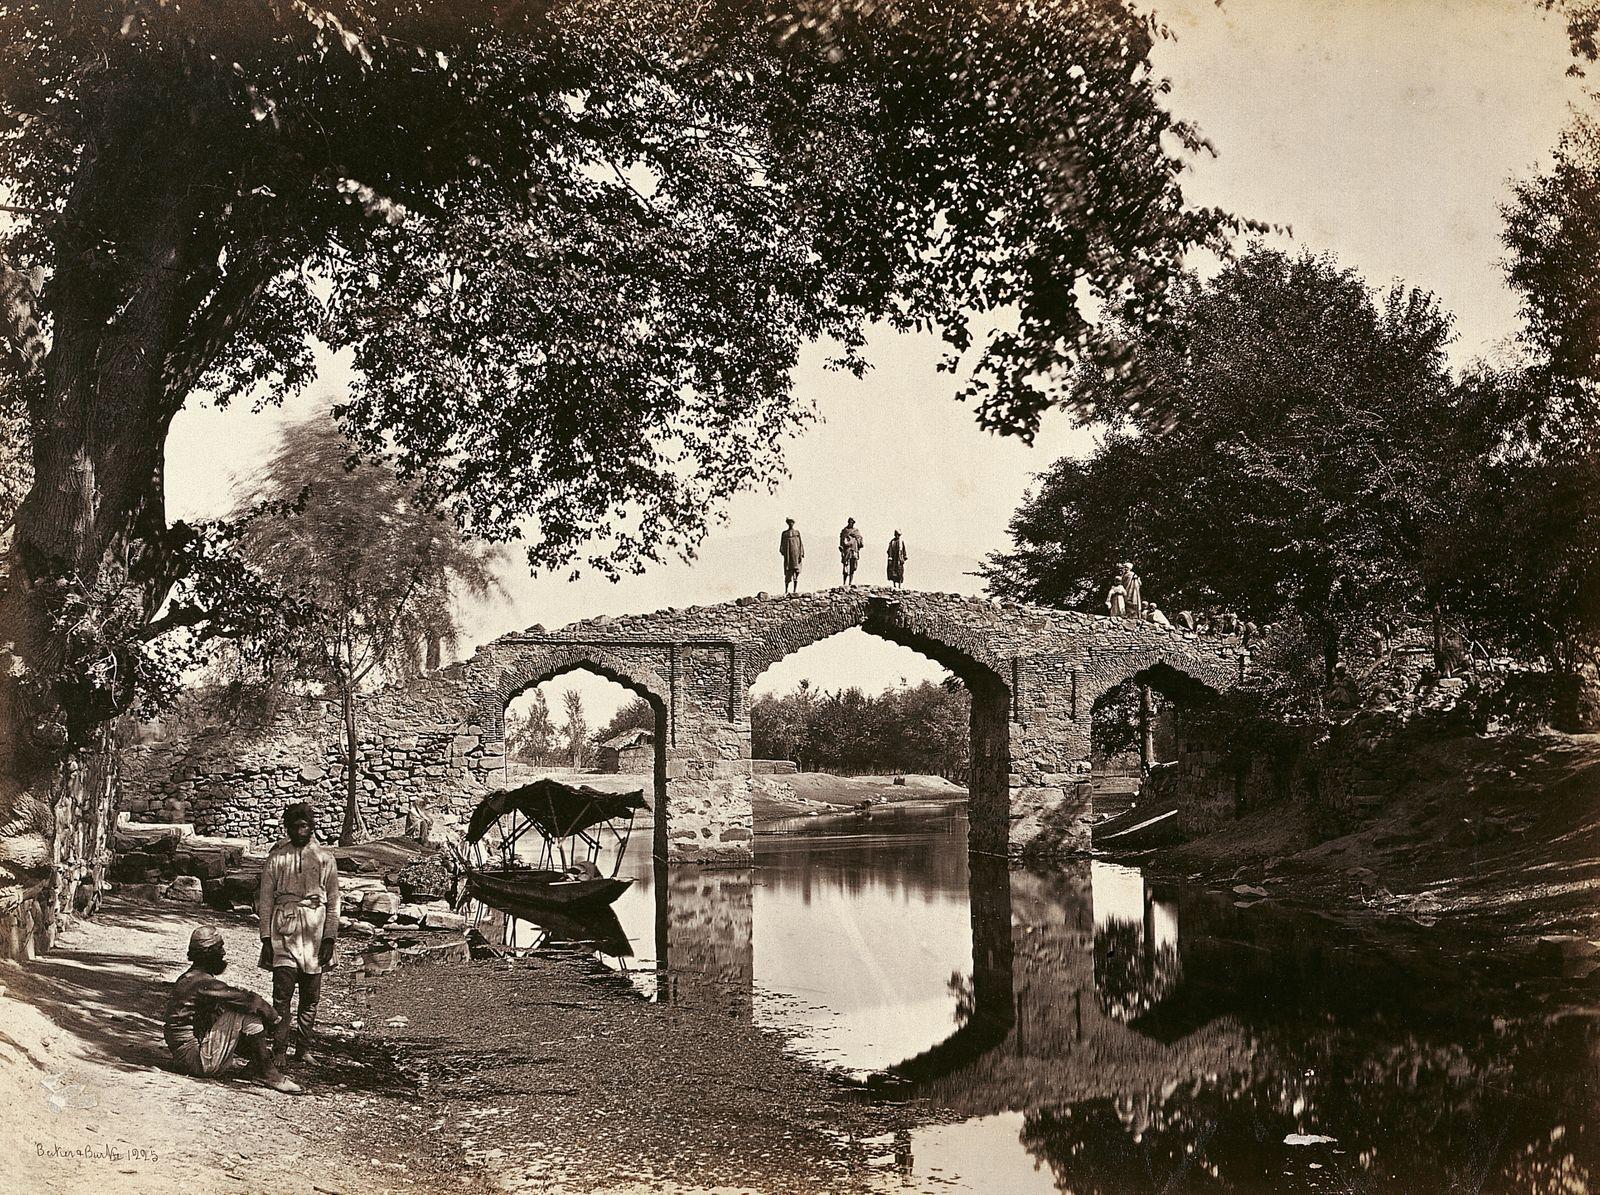 Historische Reisebilder - Blick auf die Akbar-Brücke in Srinagar